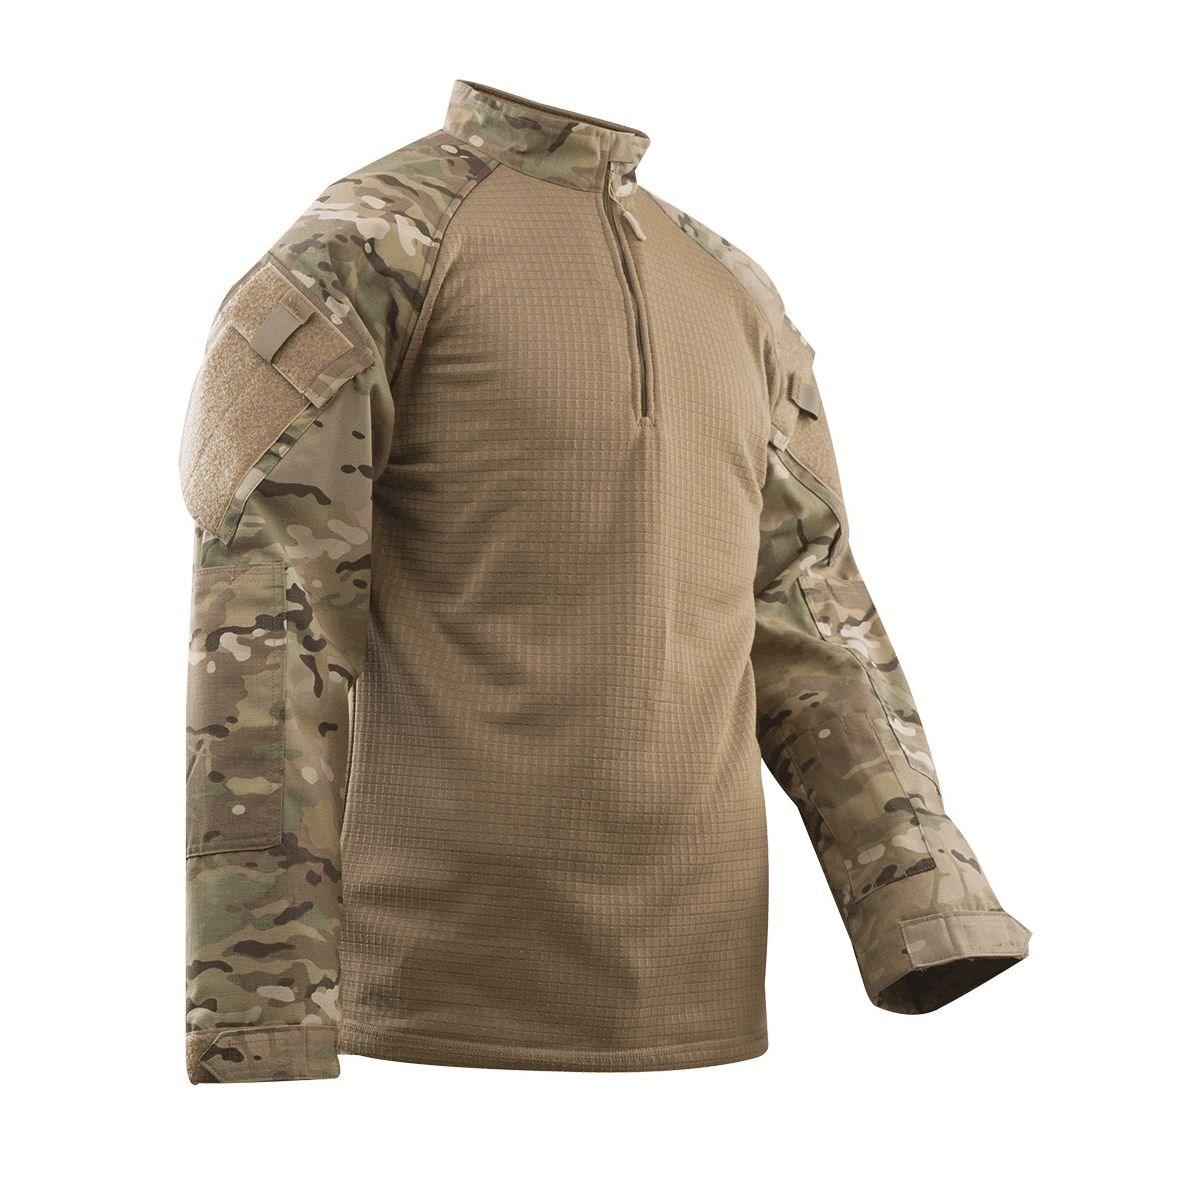 Košile taktická 1/4 zip COLD WEATHER MULTICAM® TRU-SPEC 25920 L-11